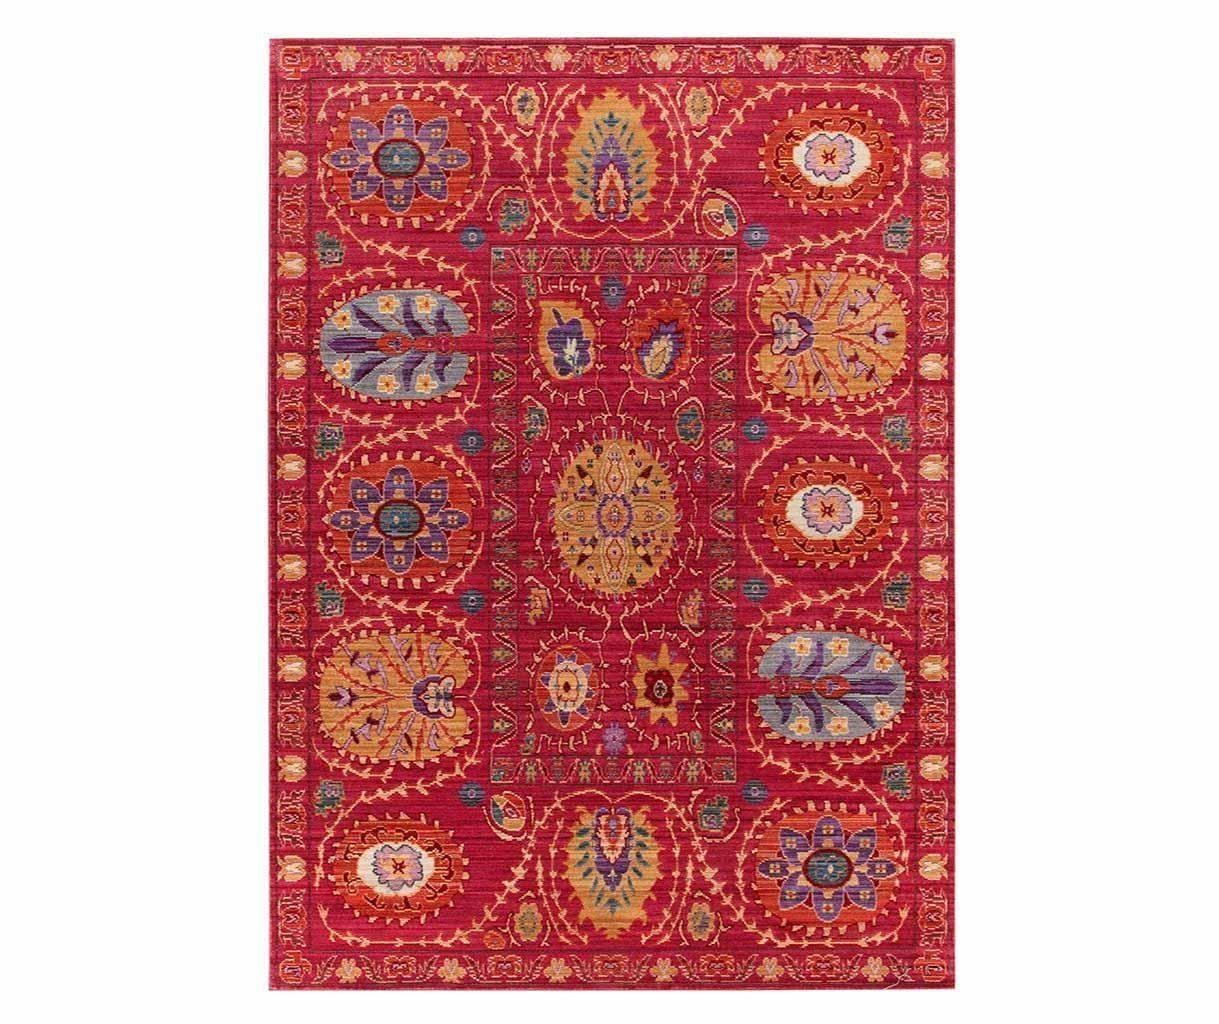 Covor Bright Red Fucsia 200x300 cm